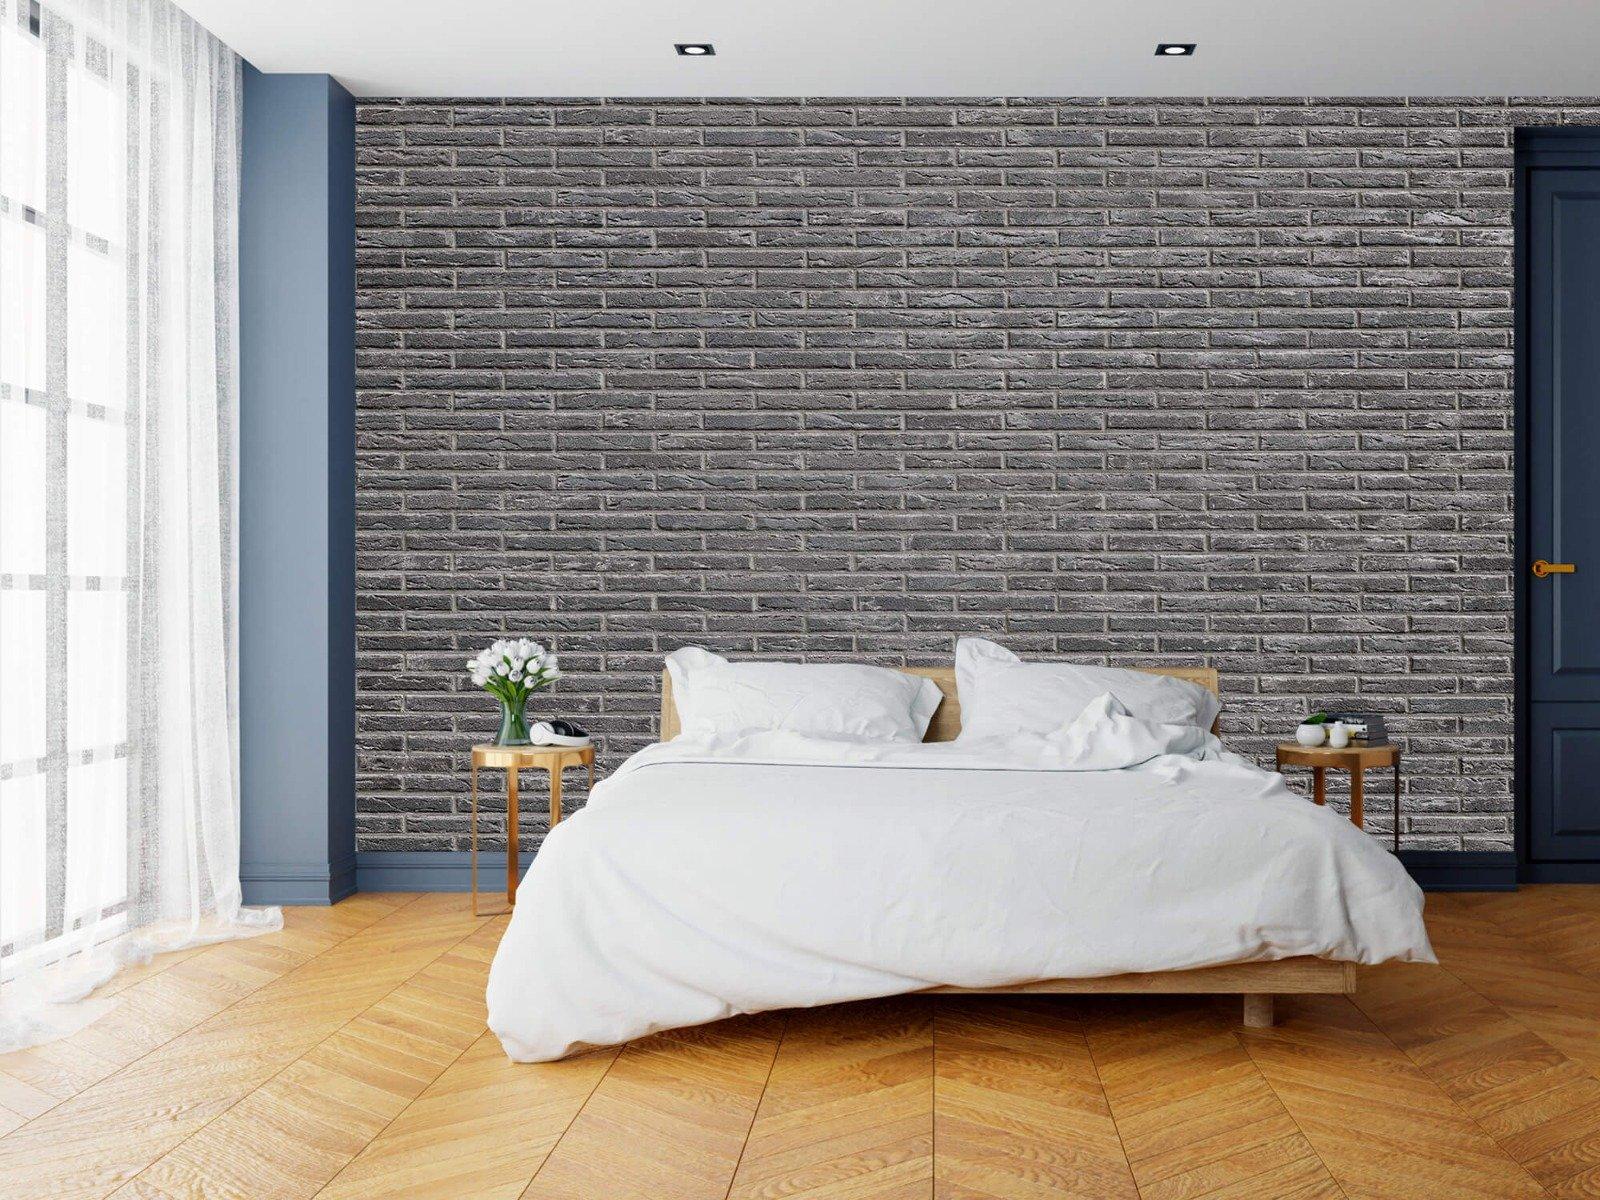 Steen behang - Grijze bakstenen - Wallexclusive - Slaapkamer 6